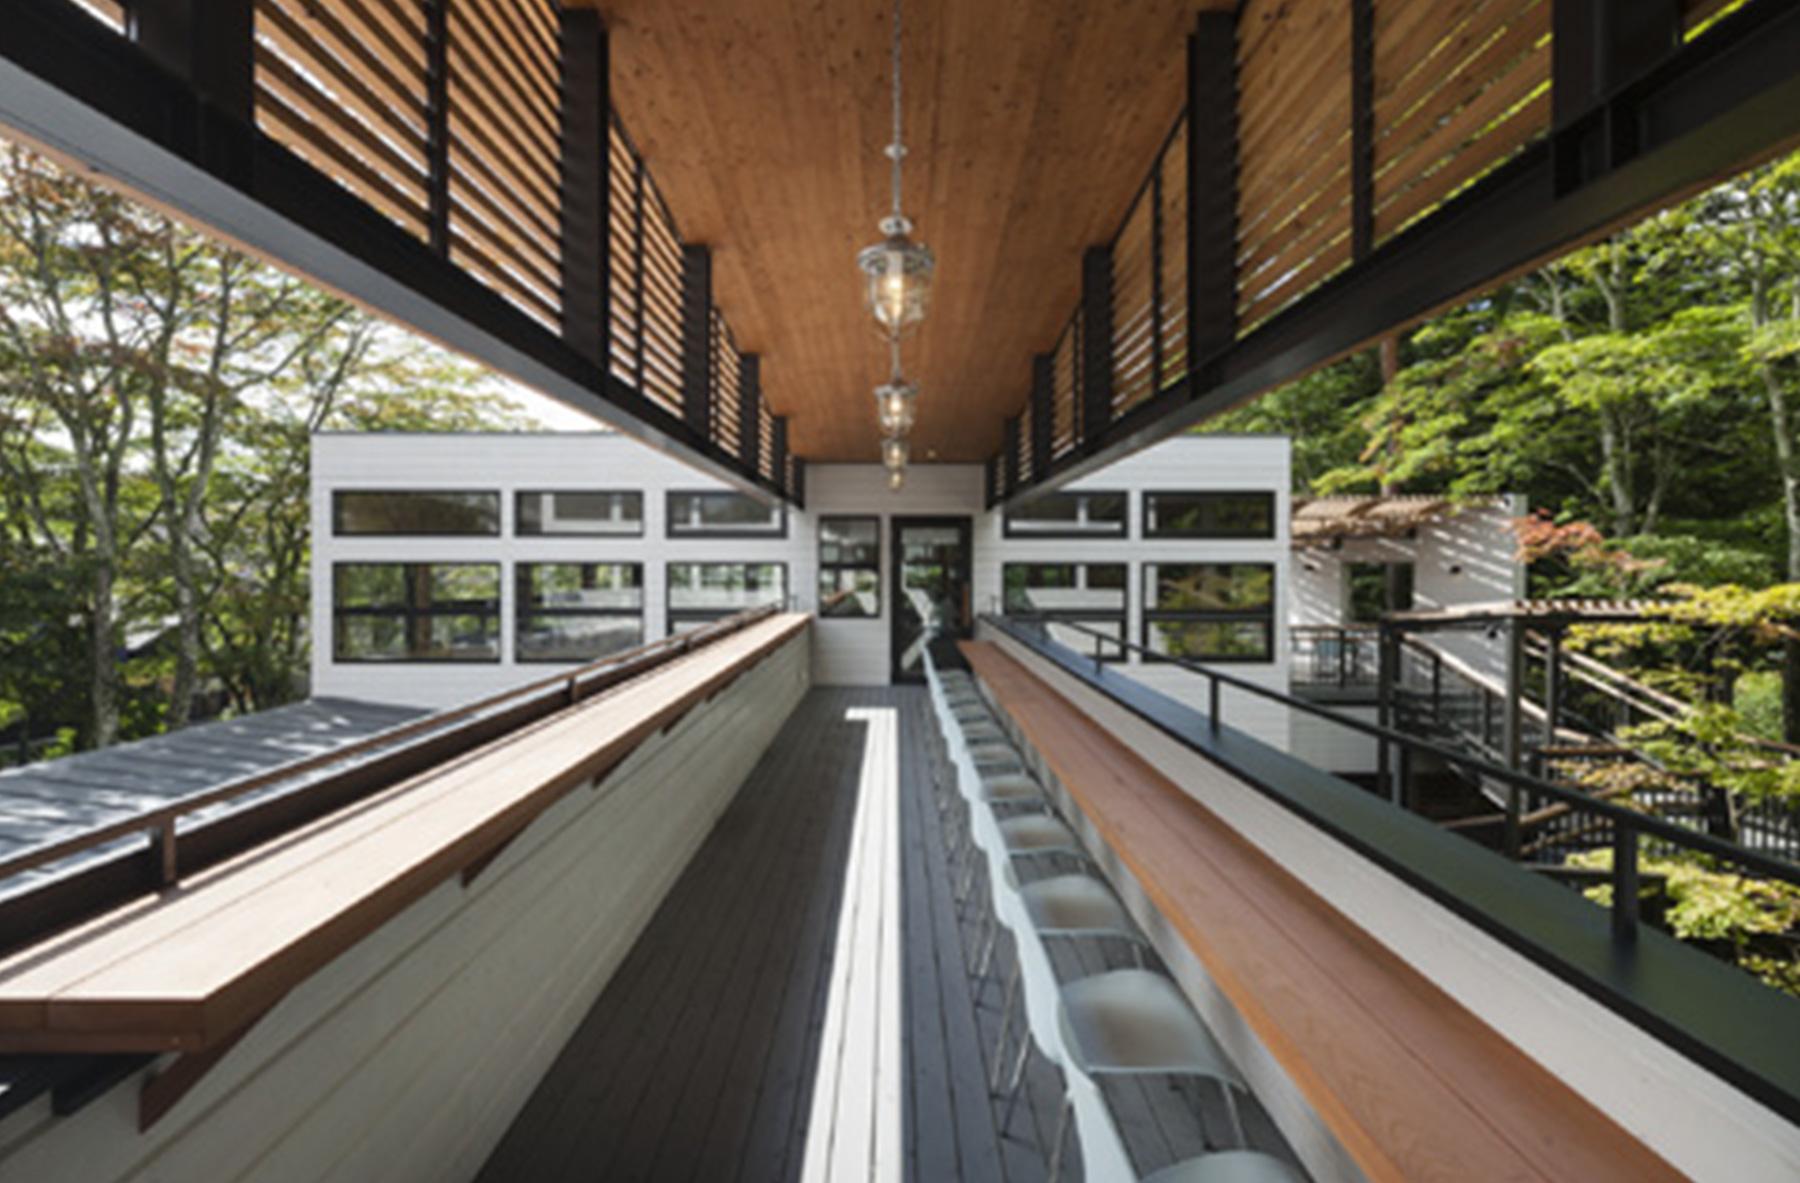 大規模木造による店舗、事務所、倉庫を建てるための建築基準法の規定